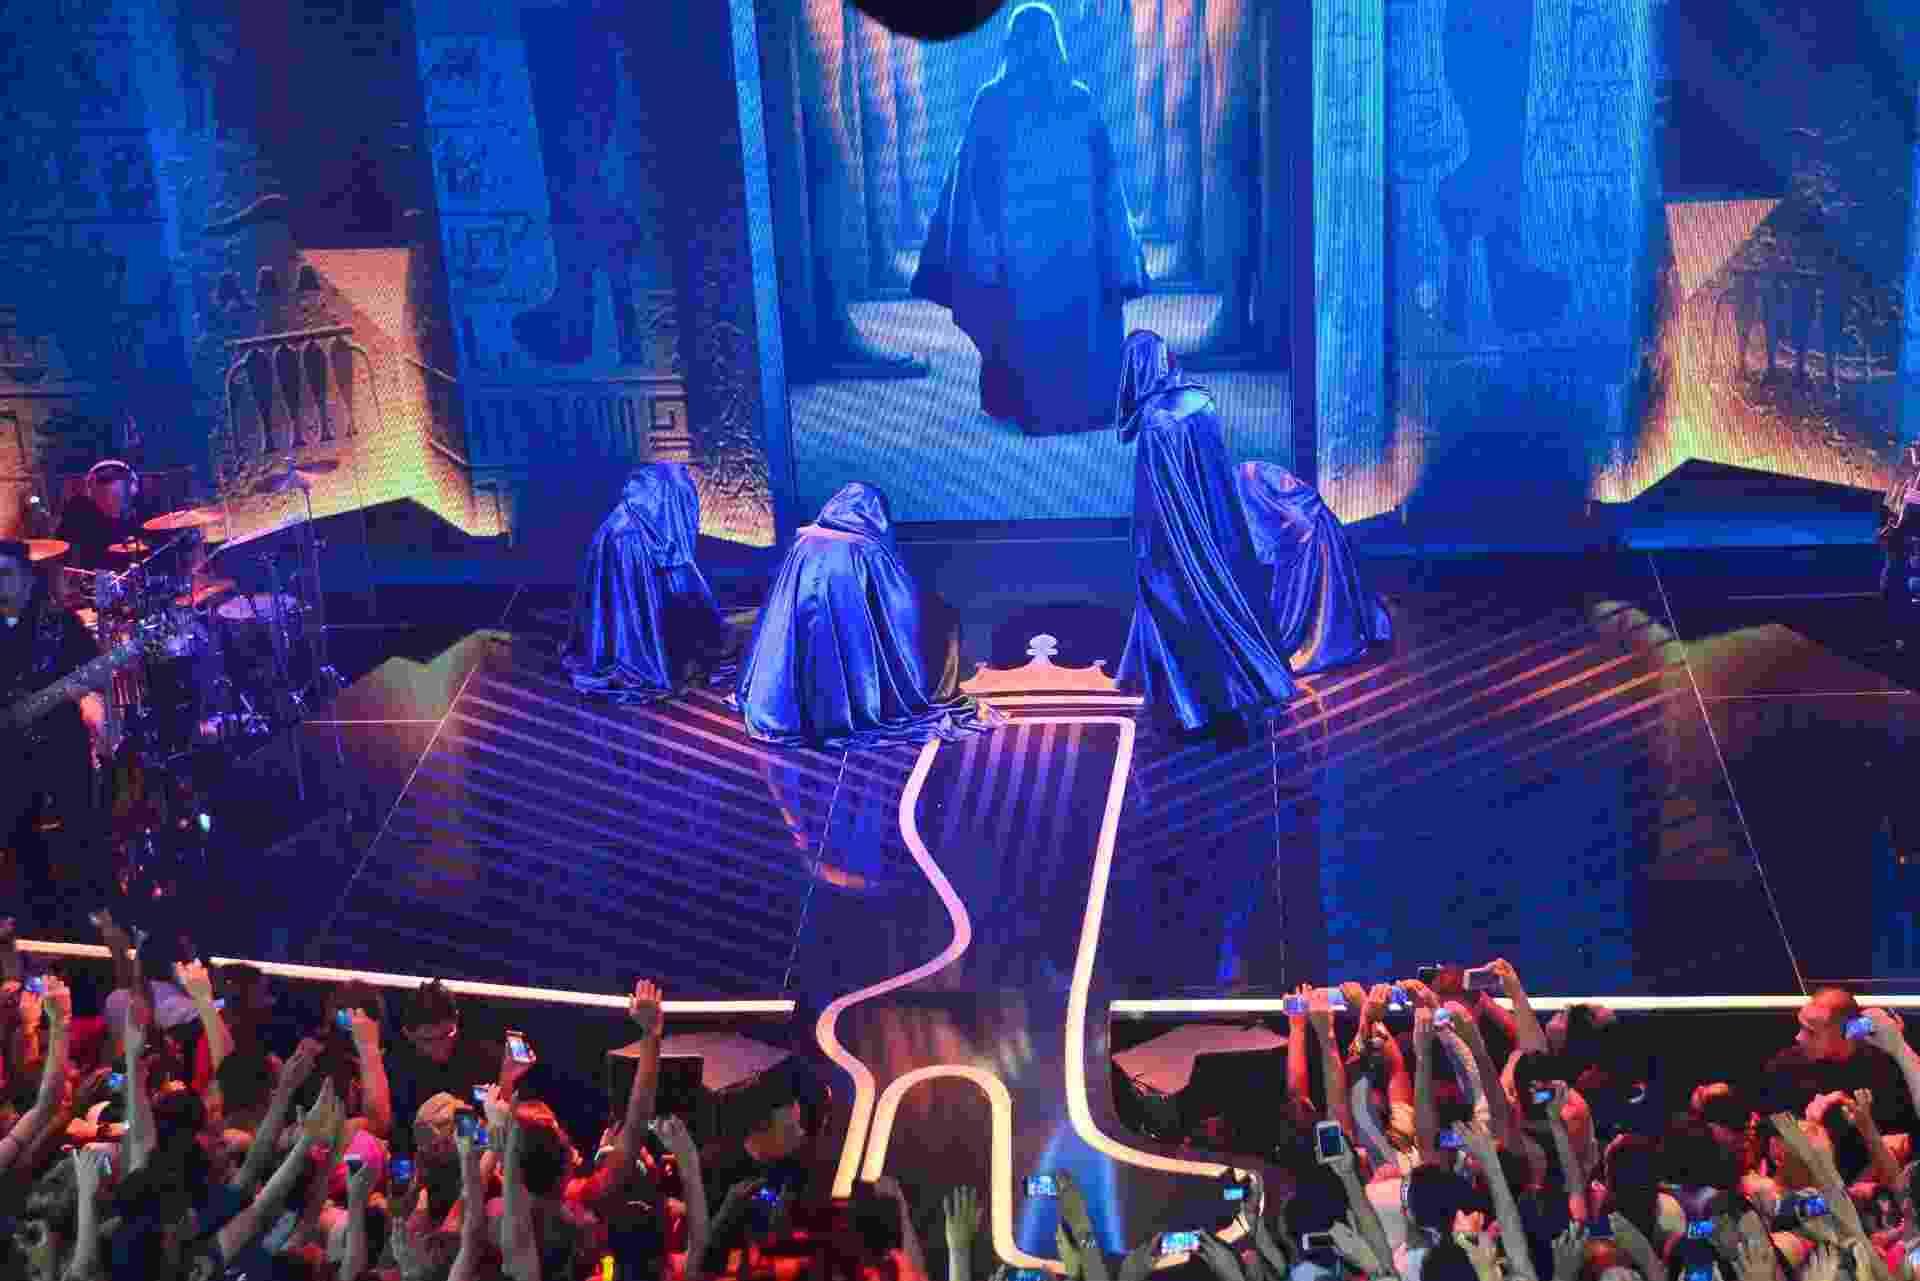 """10.nov.2016 - Joelma aparece no palco após uma projeção em 3D surgir no telão. A cantora abriu seu primeiro DVD da carreira solo cantando uma introdução de """"Força Estranha"""", de Caetano Veloso - Lucas Lima/UOL"""